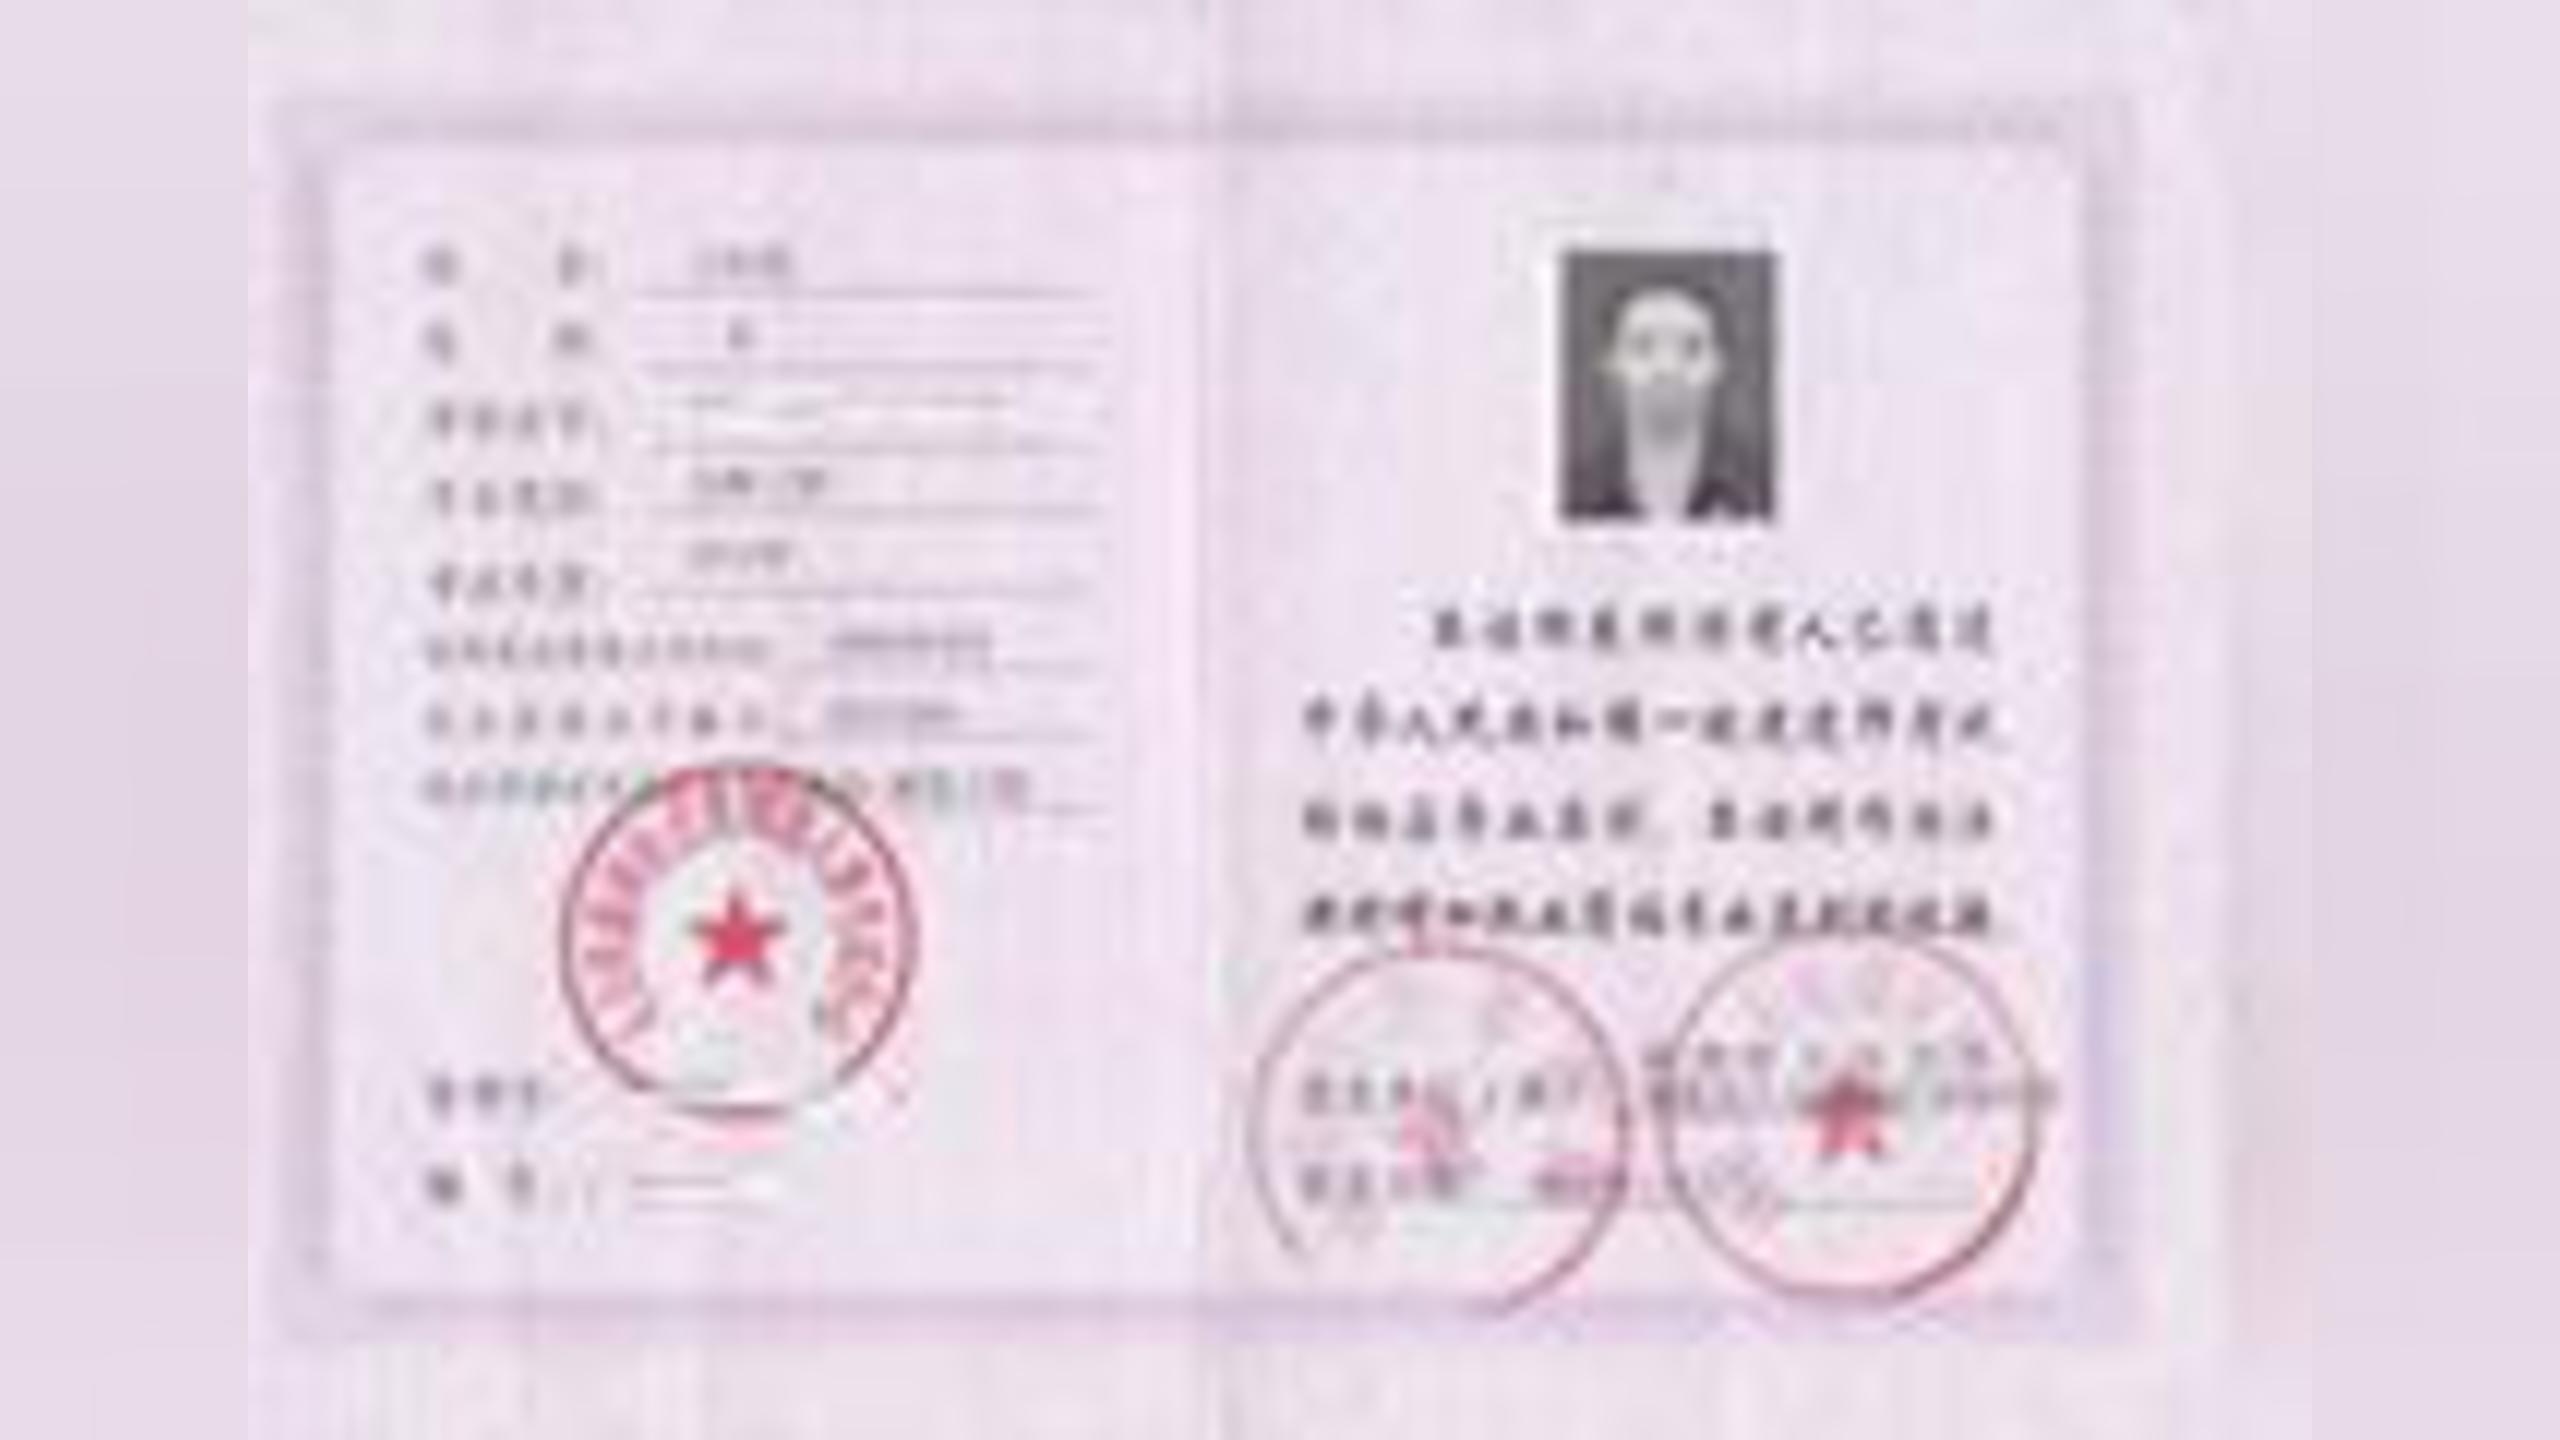 住房和城乡建设部通知要求10月15日起全面实行一级建造师电子注册证书